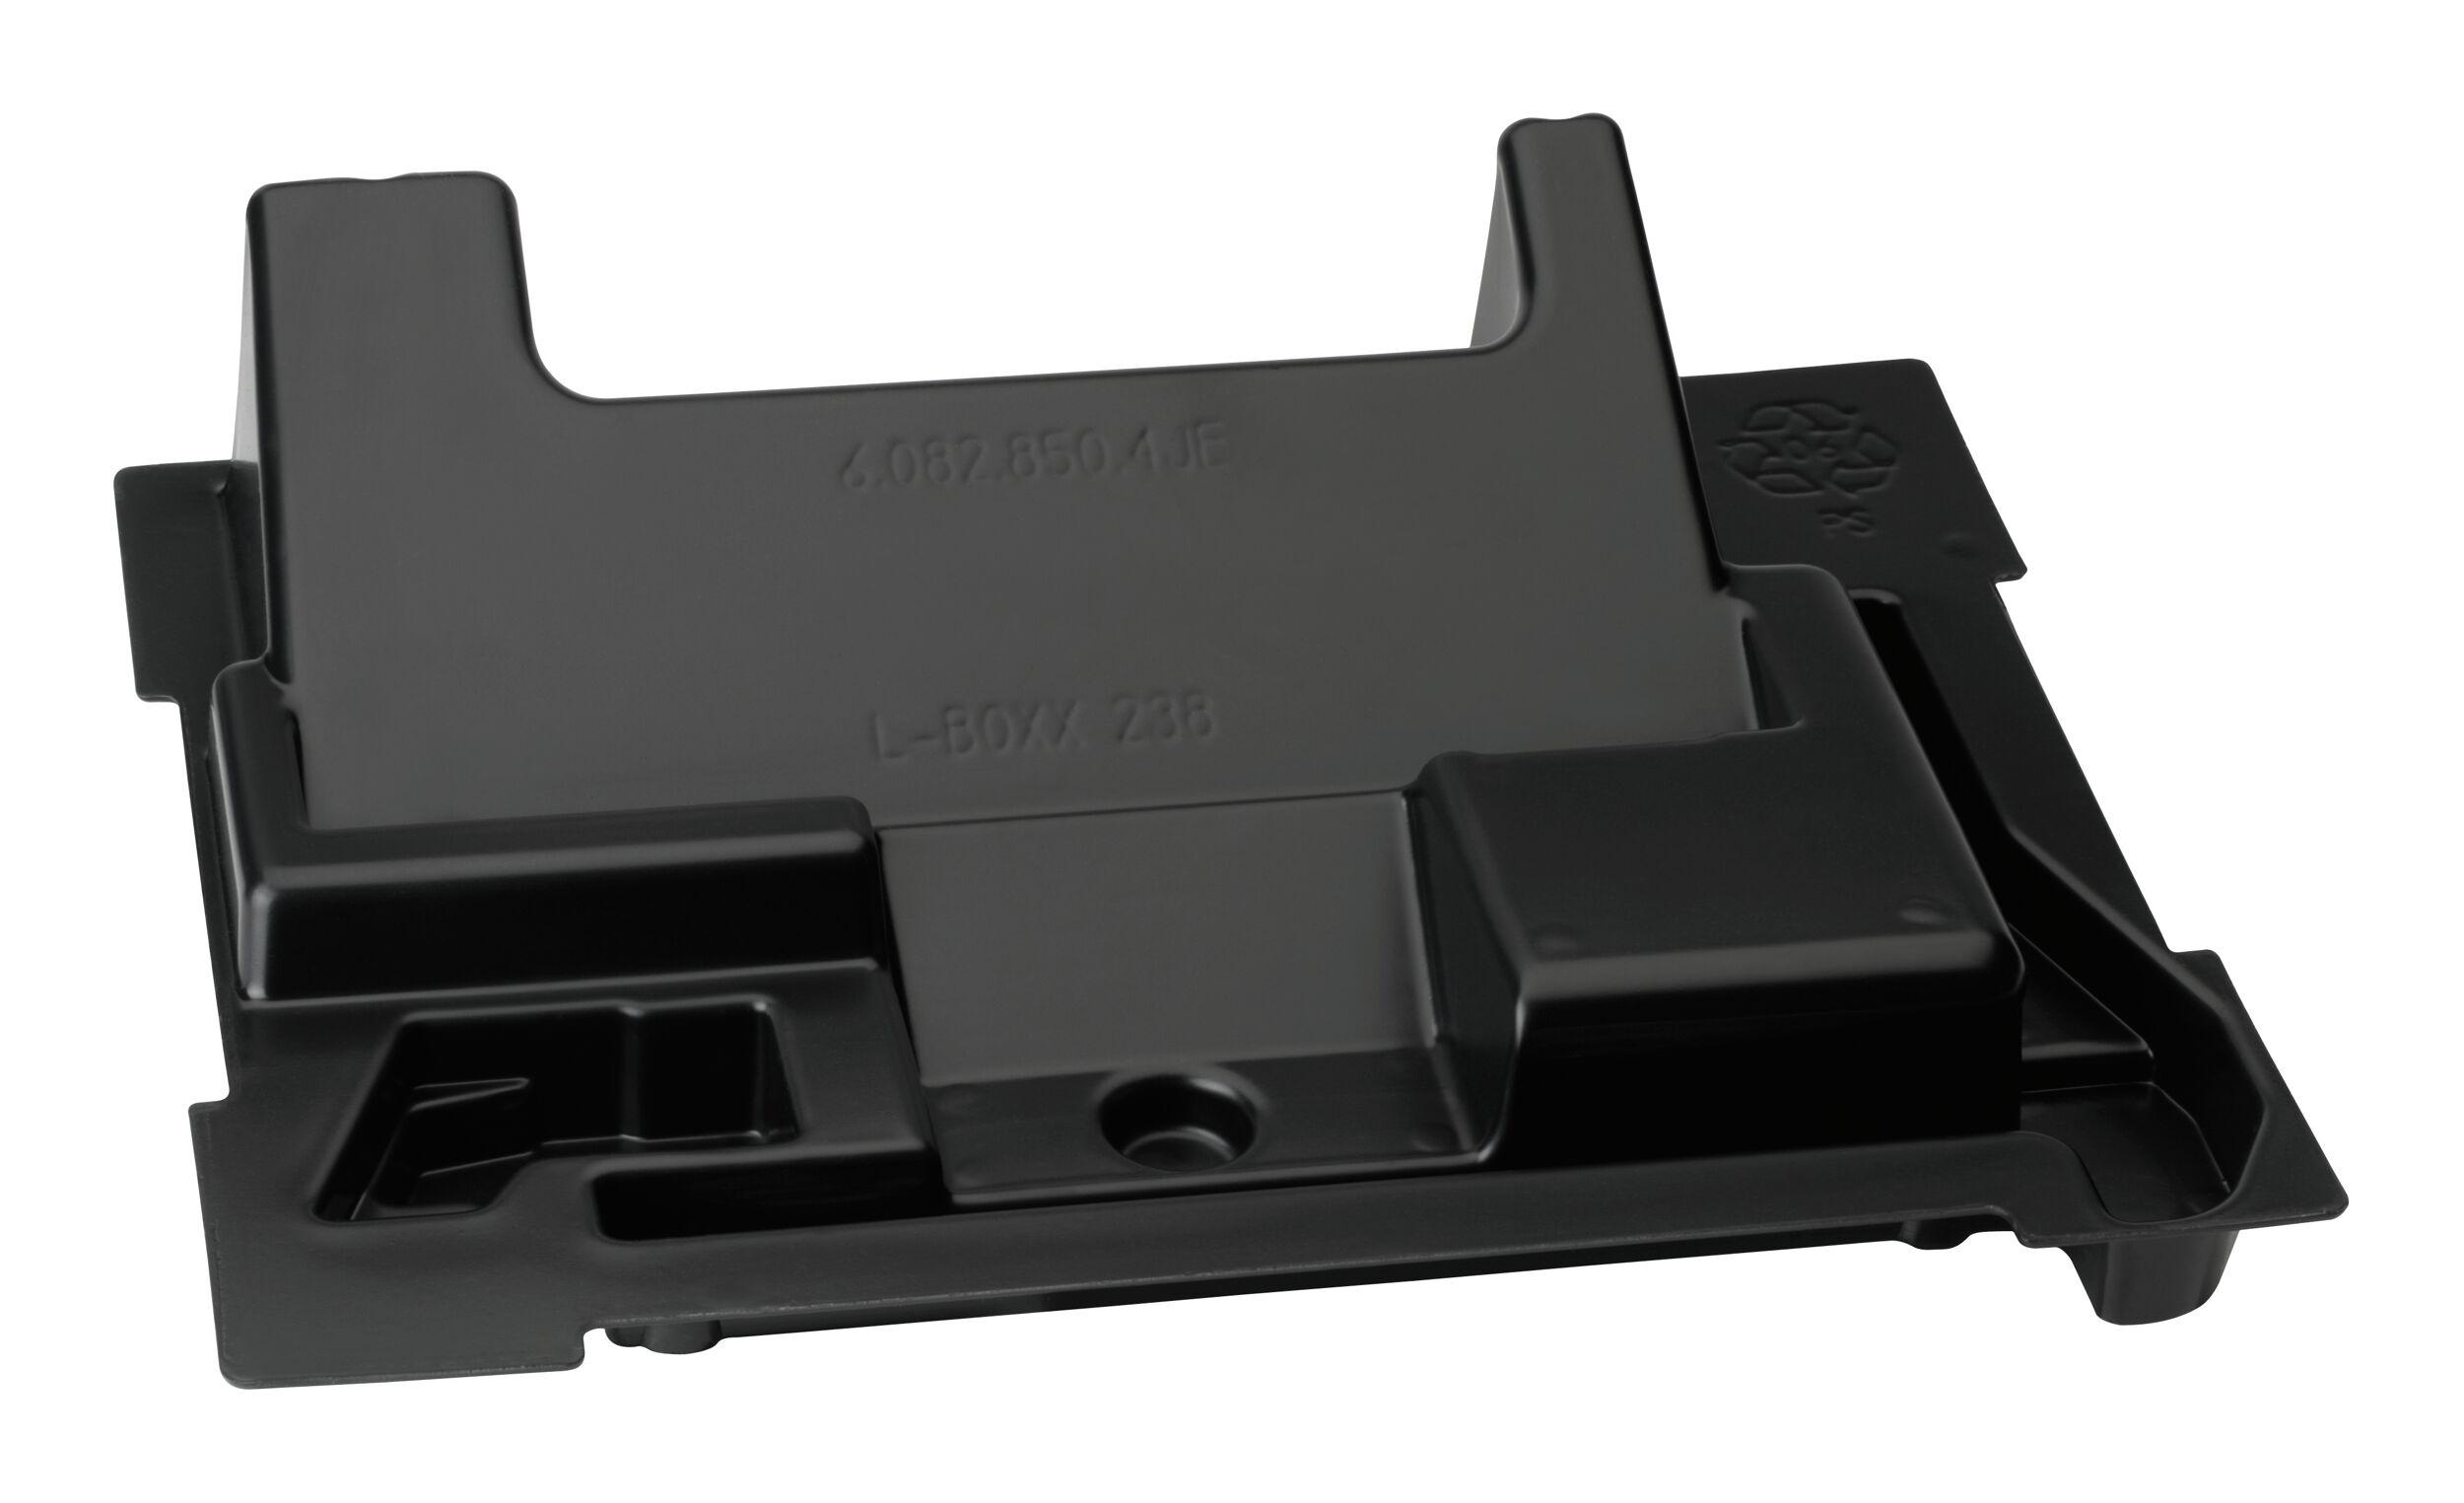 Blau Professional Einlage zur Werkzeugaufbewahrung für GKS 55 - 1600A002VA